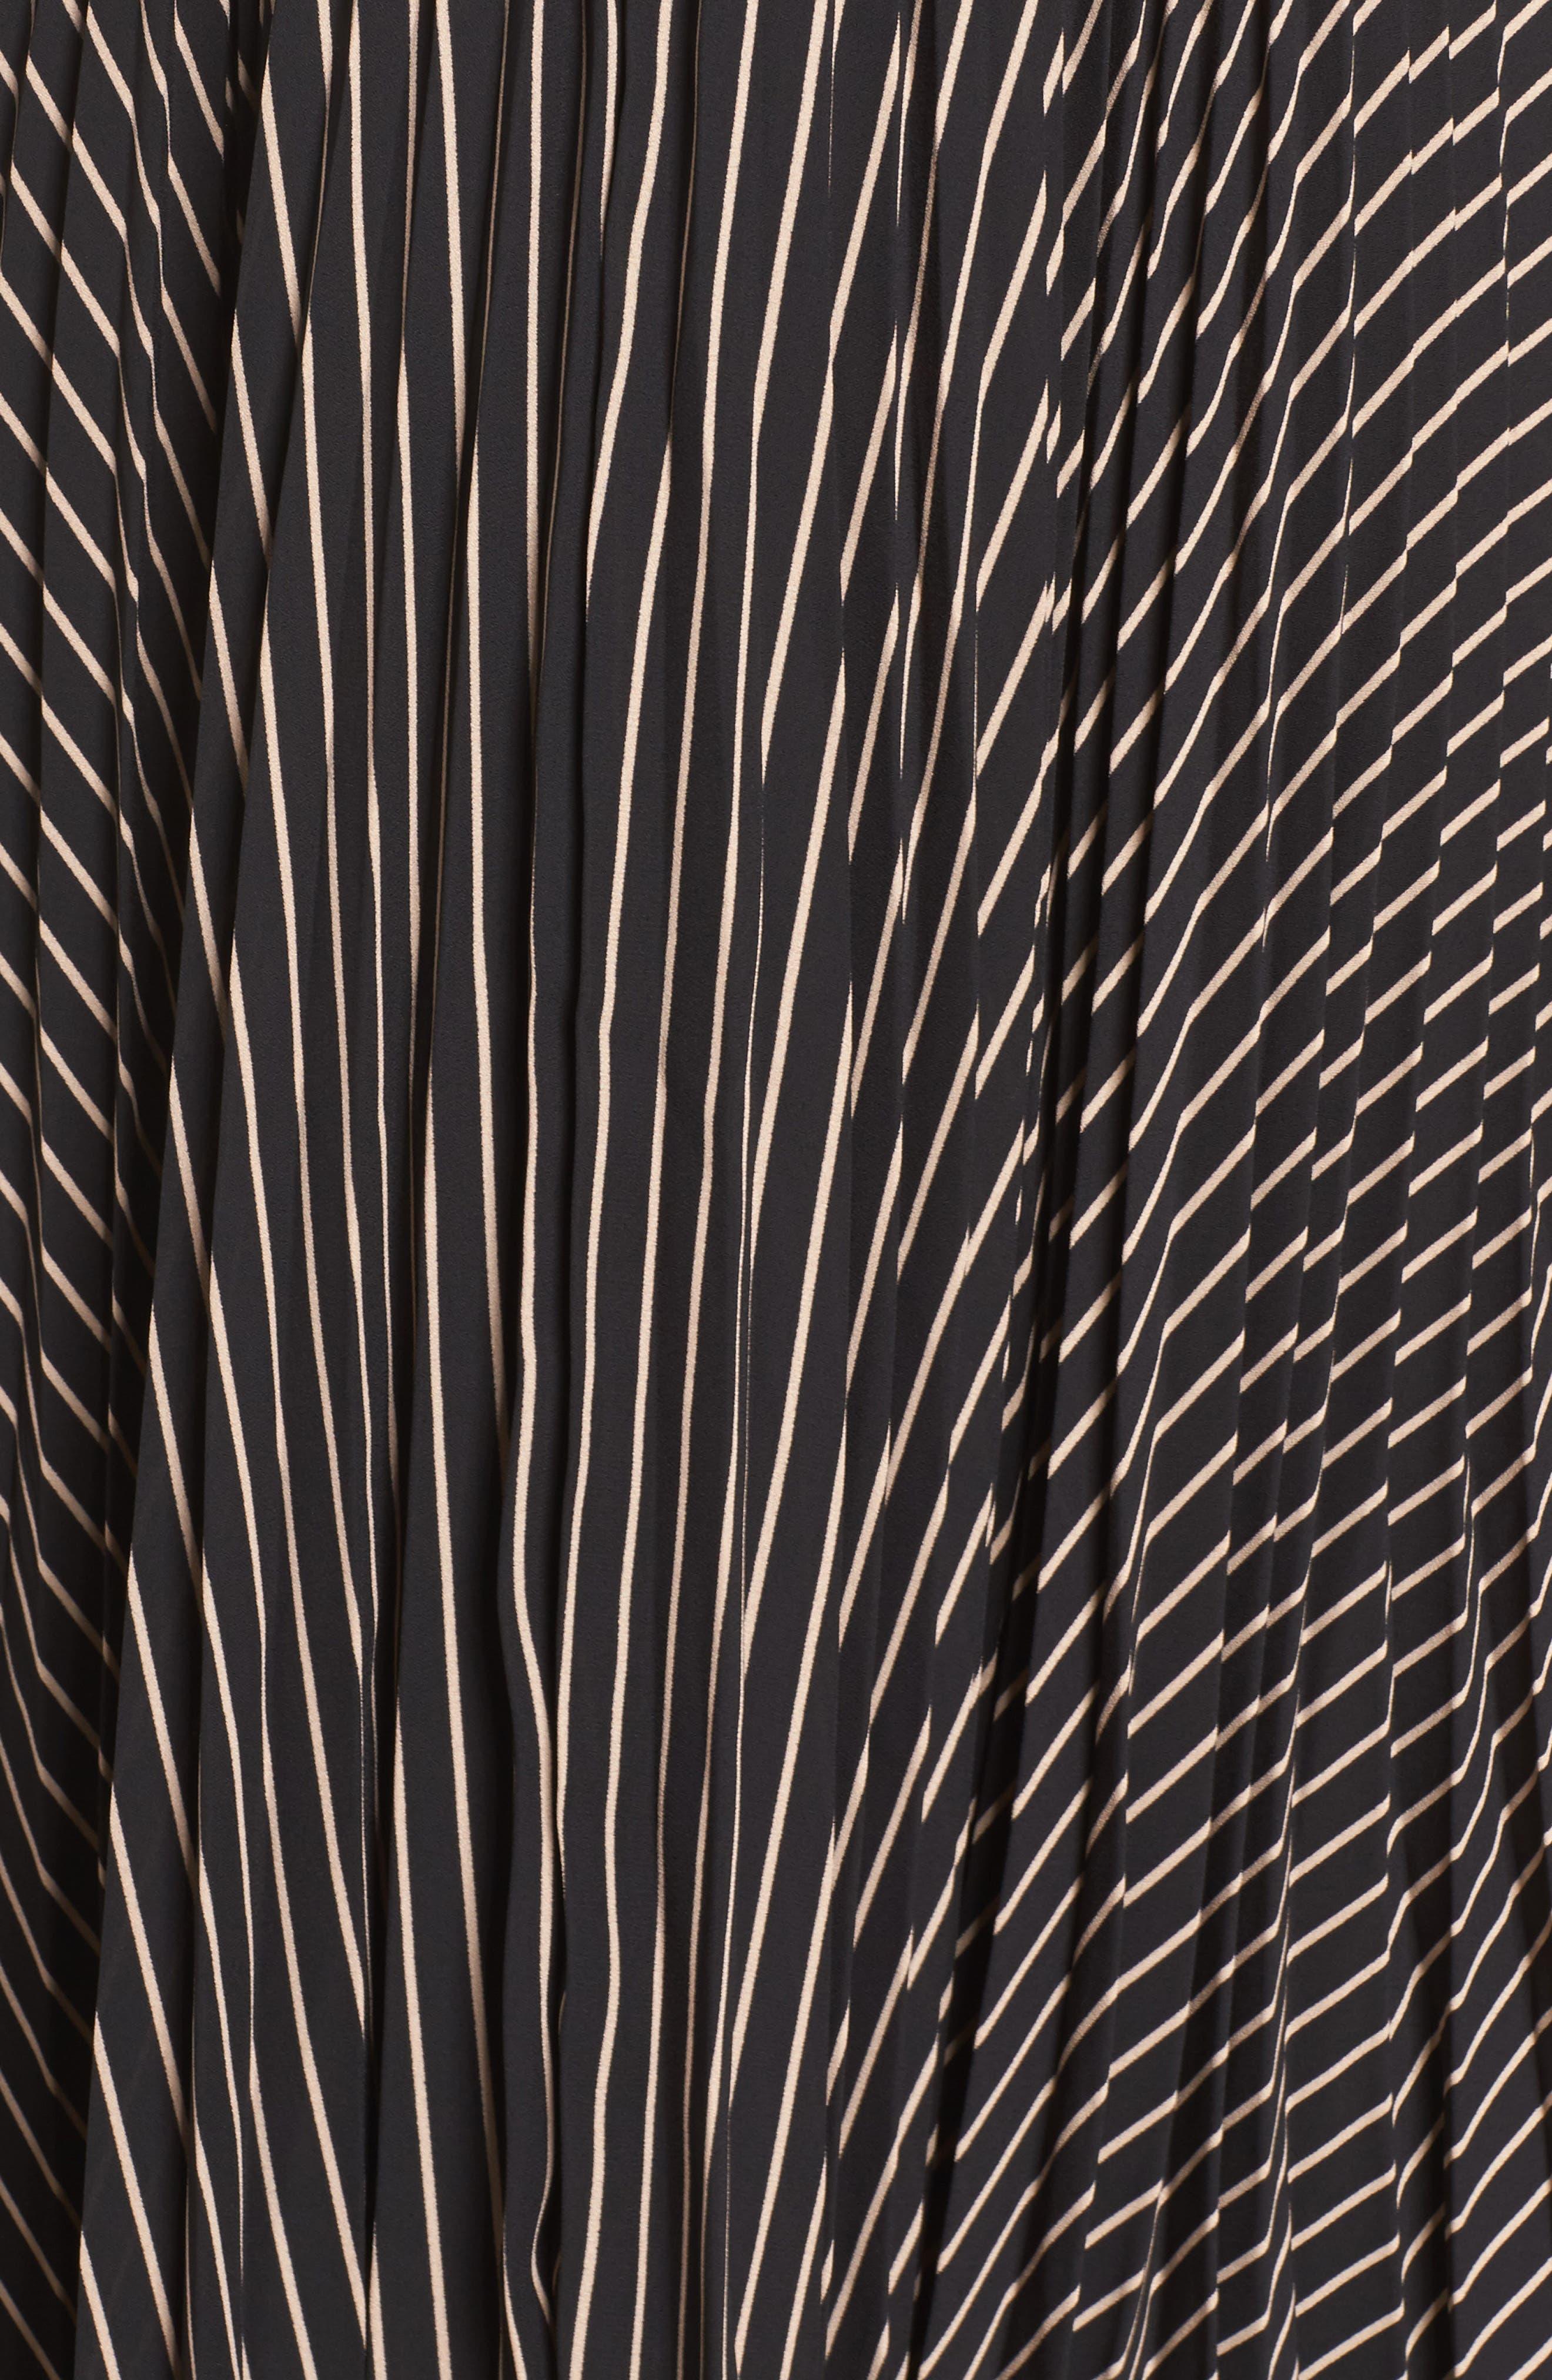 Like a Boss Midi Dress,                             Alternate thumbnail 5, color,                             Black/ Tan Stripe